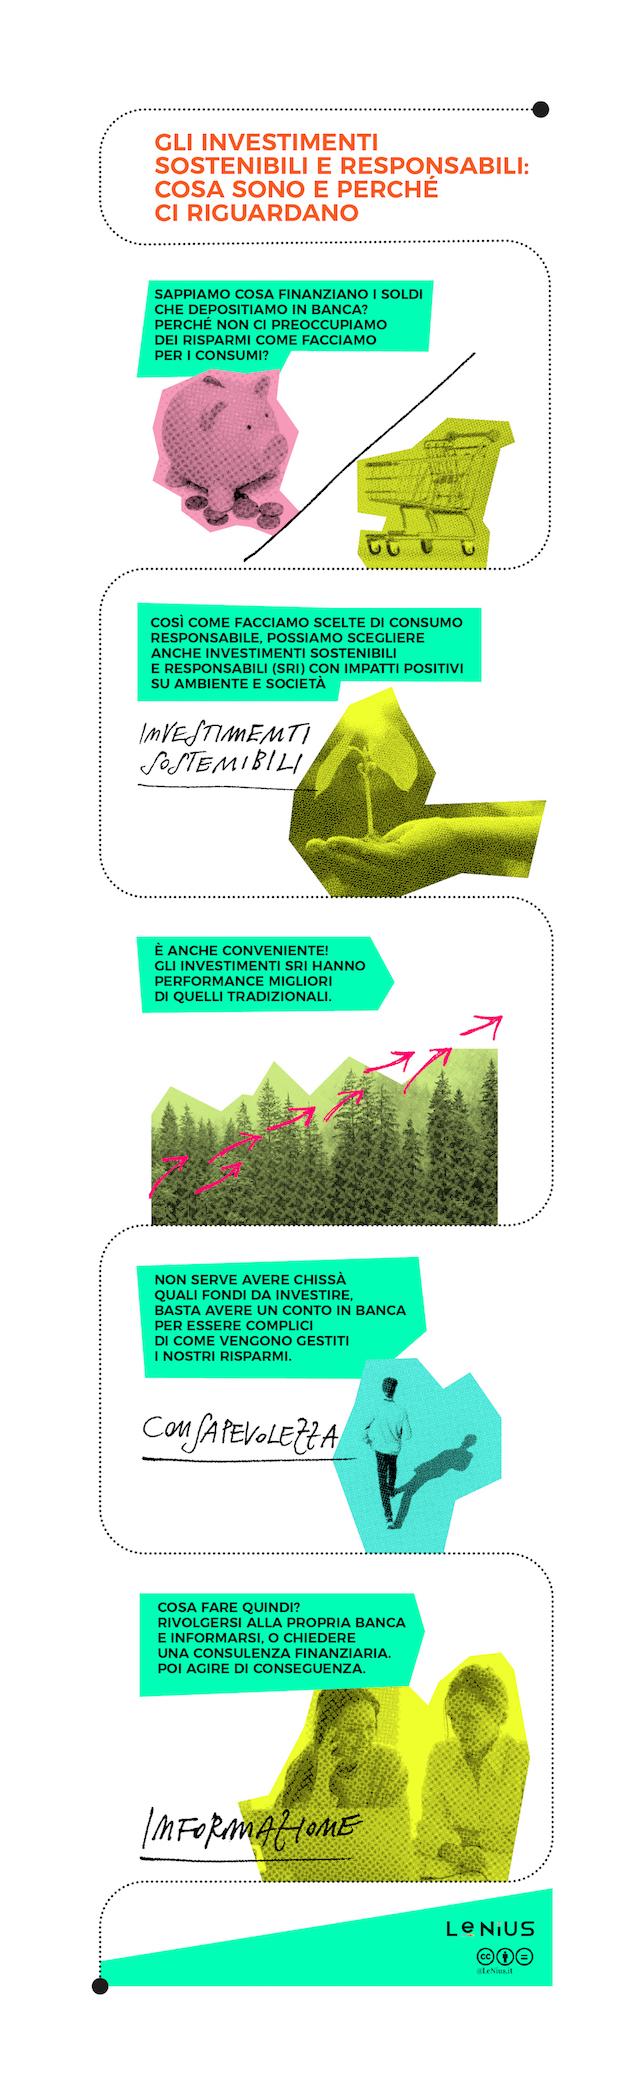 cosa sono gli investimenti sostenibili e responsabili